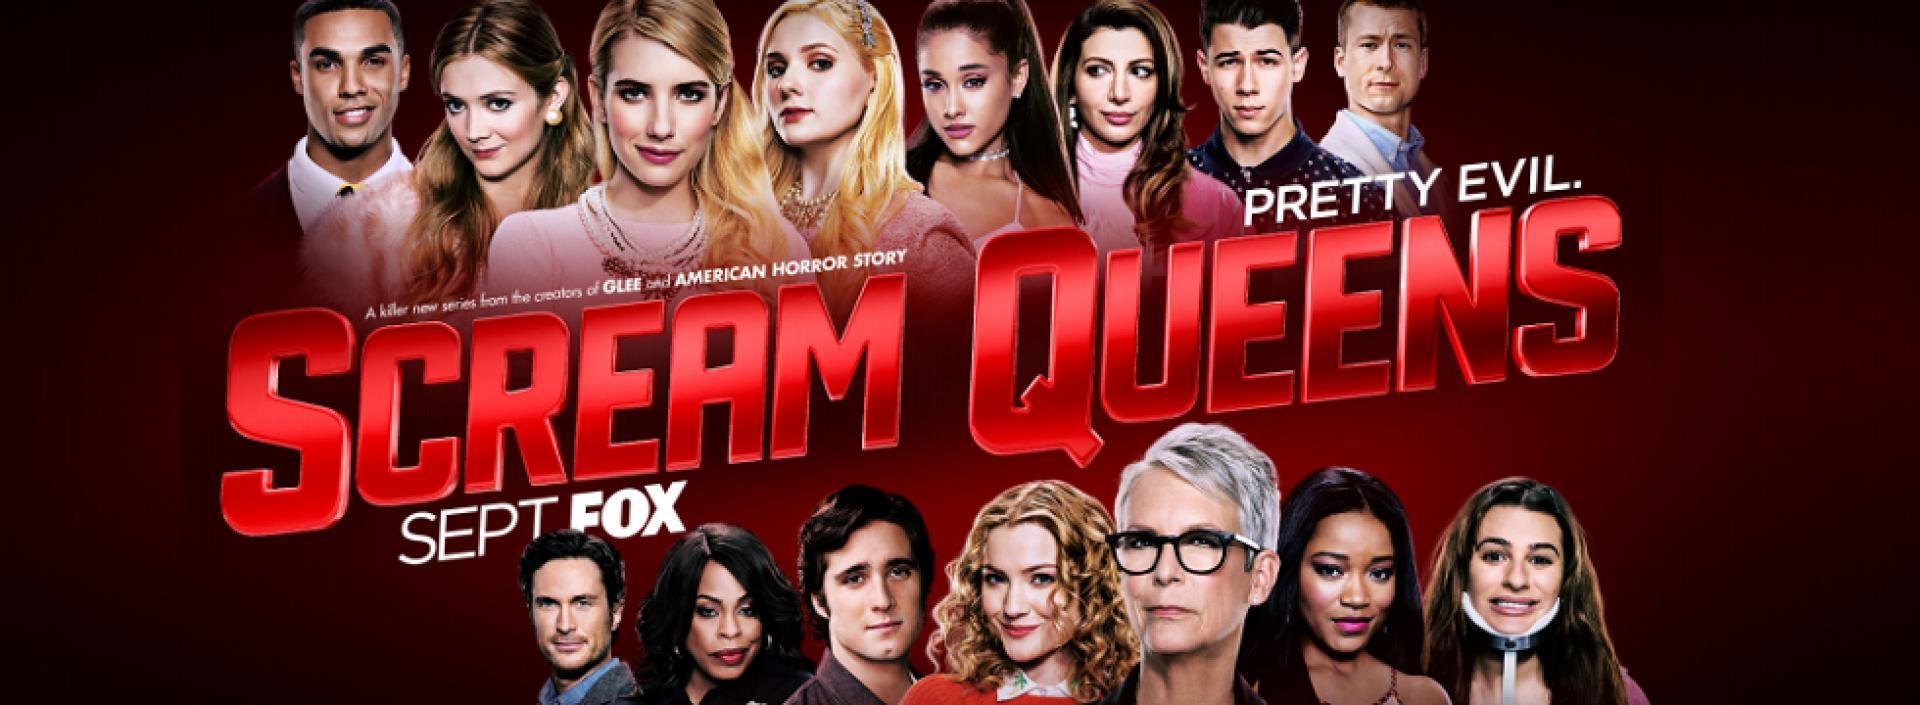 Scream Queens 1x05